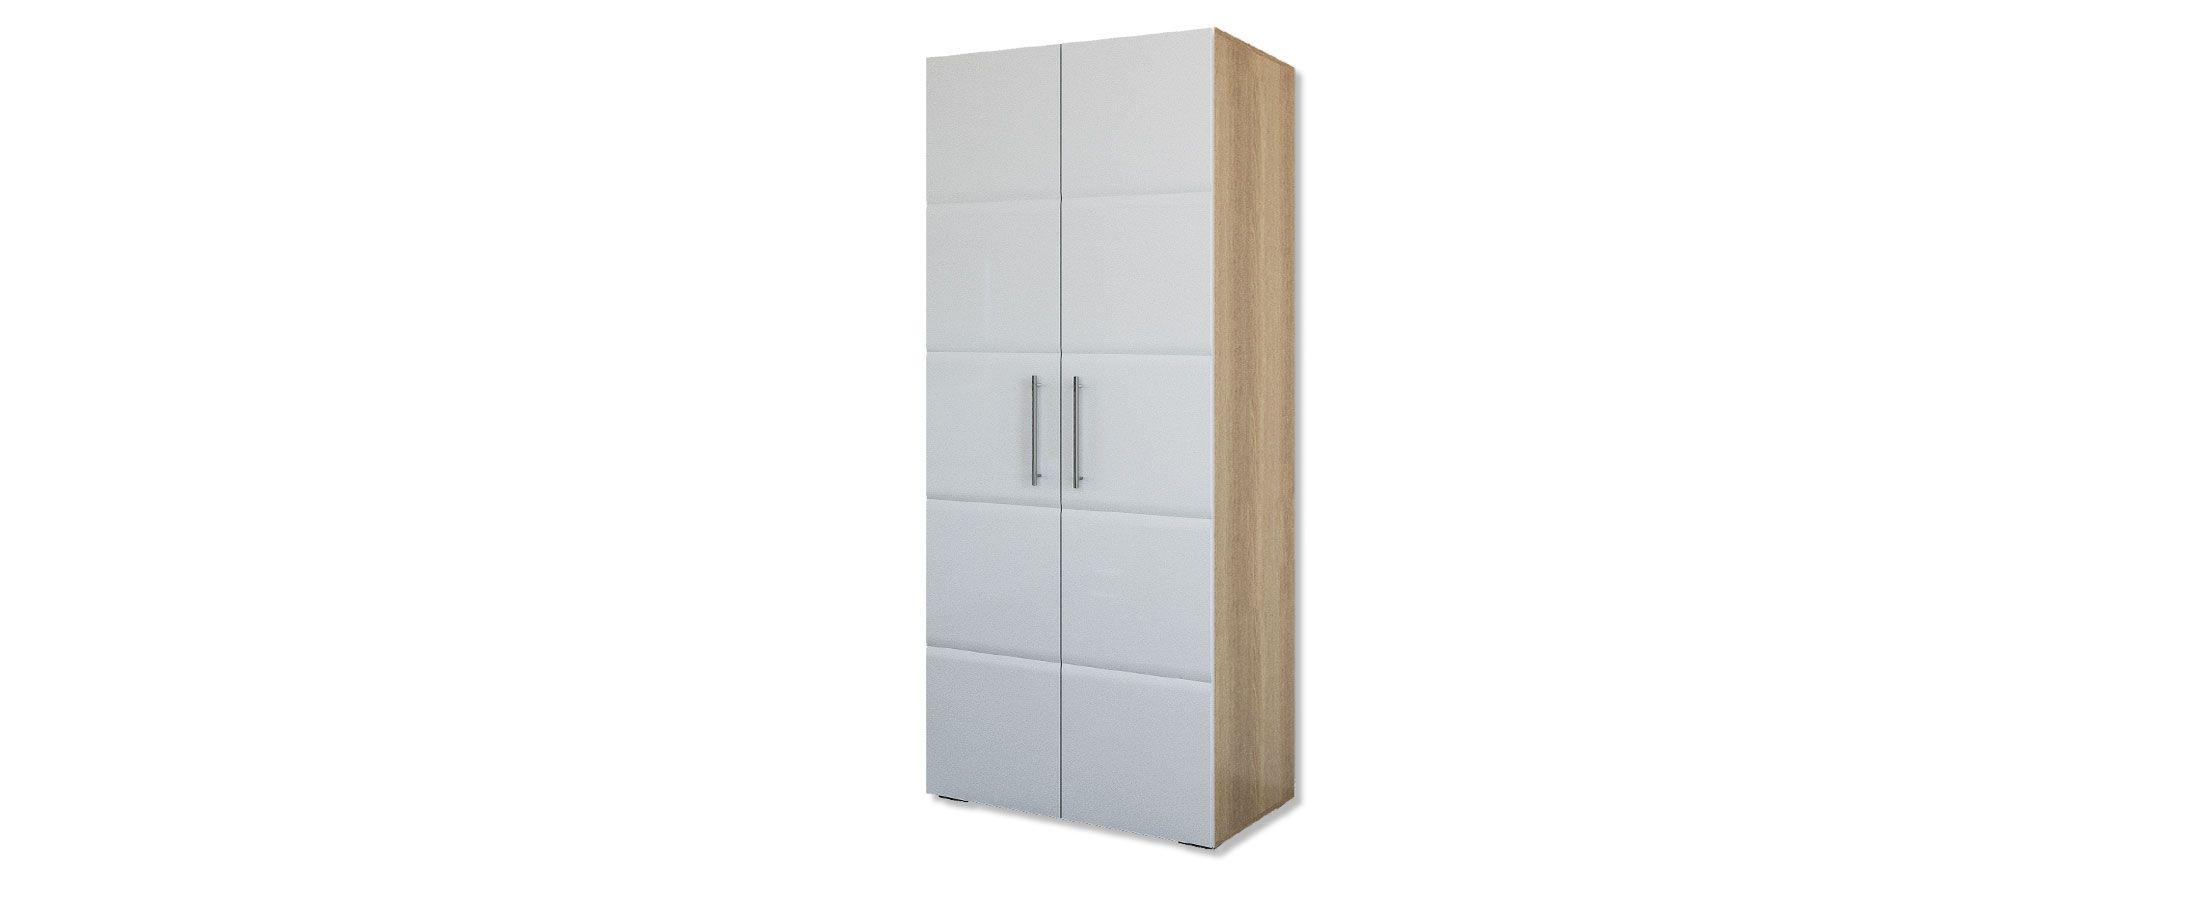 Шкаф 2-дверный София от MOON TRADE